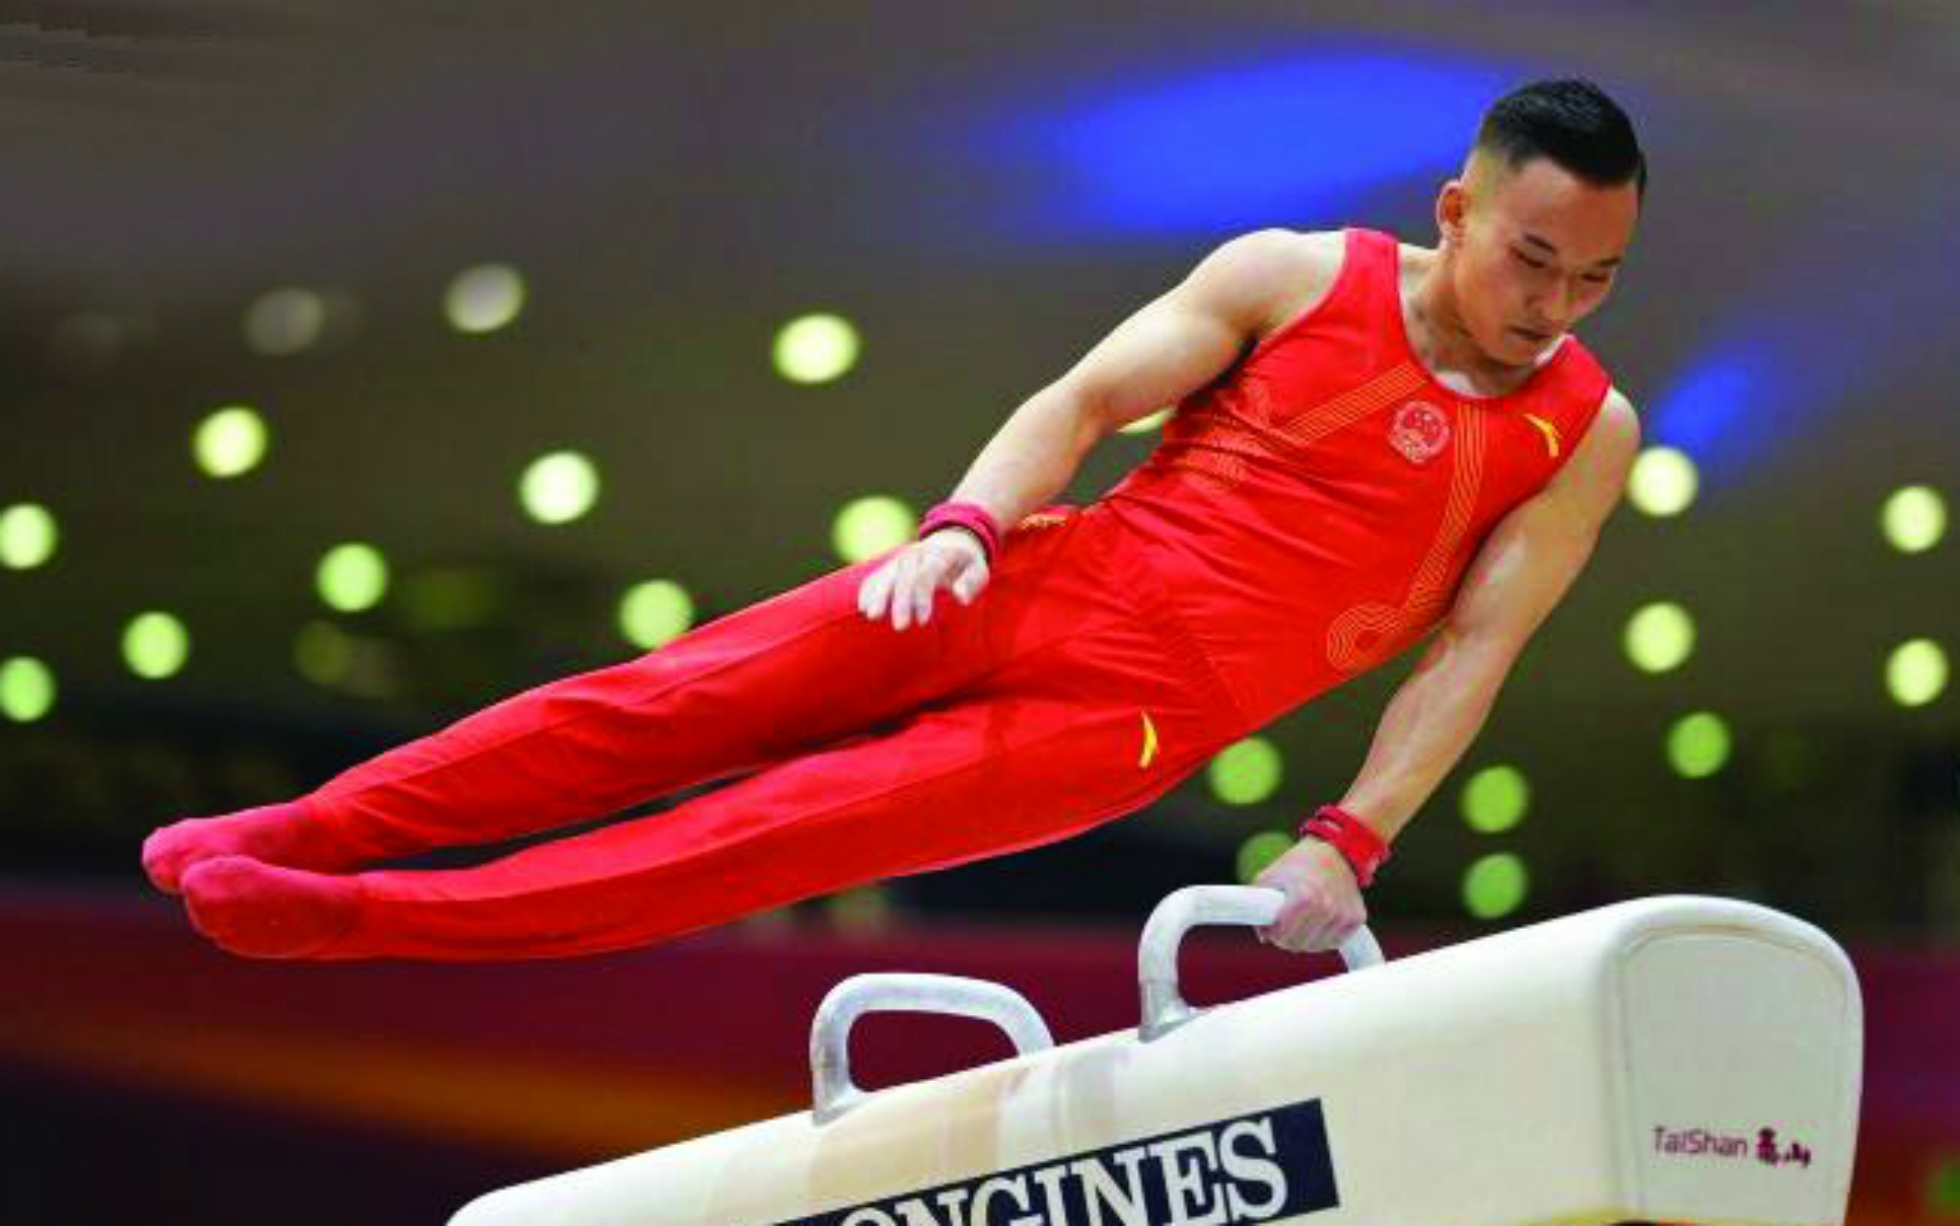 Xiao Ruoteng